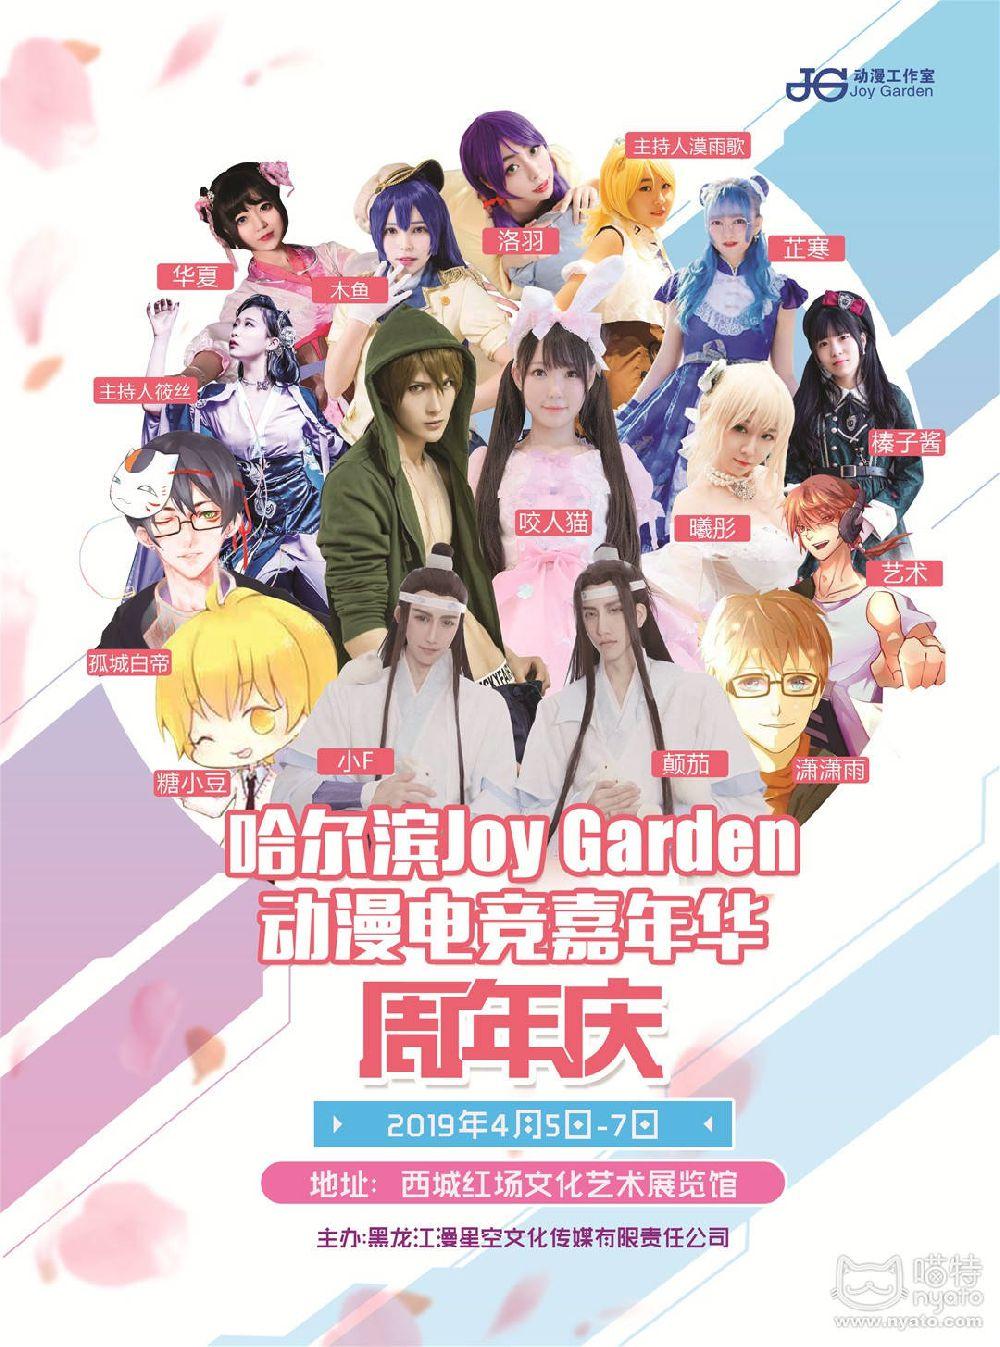 2019泛亚电竞Joy Garden动漫电竞嘉年华活动、参与方式